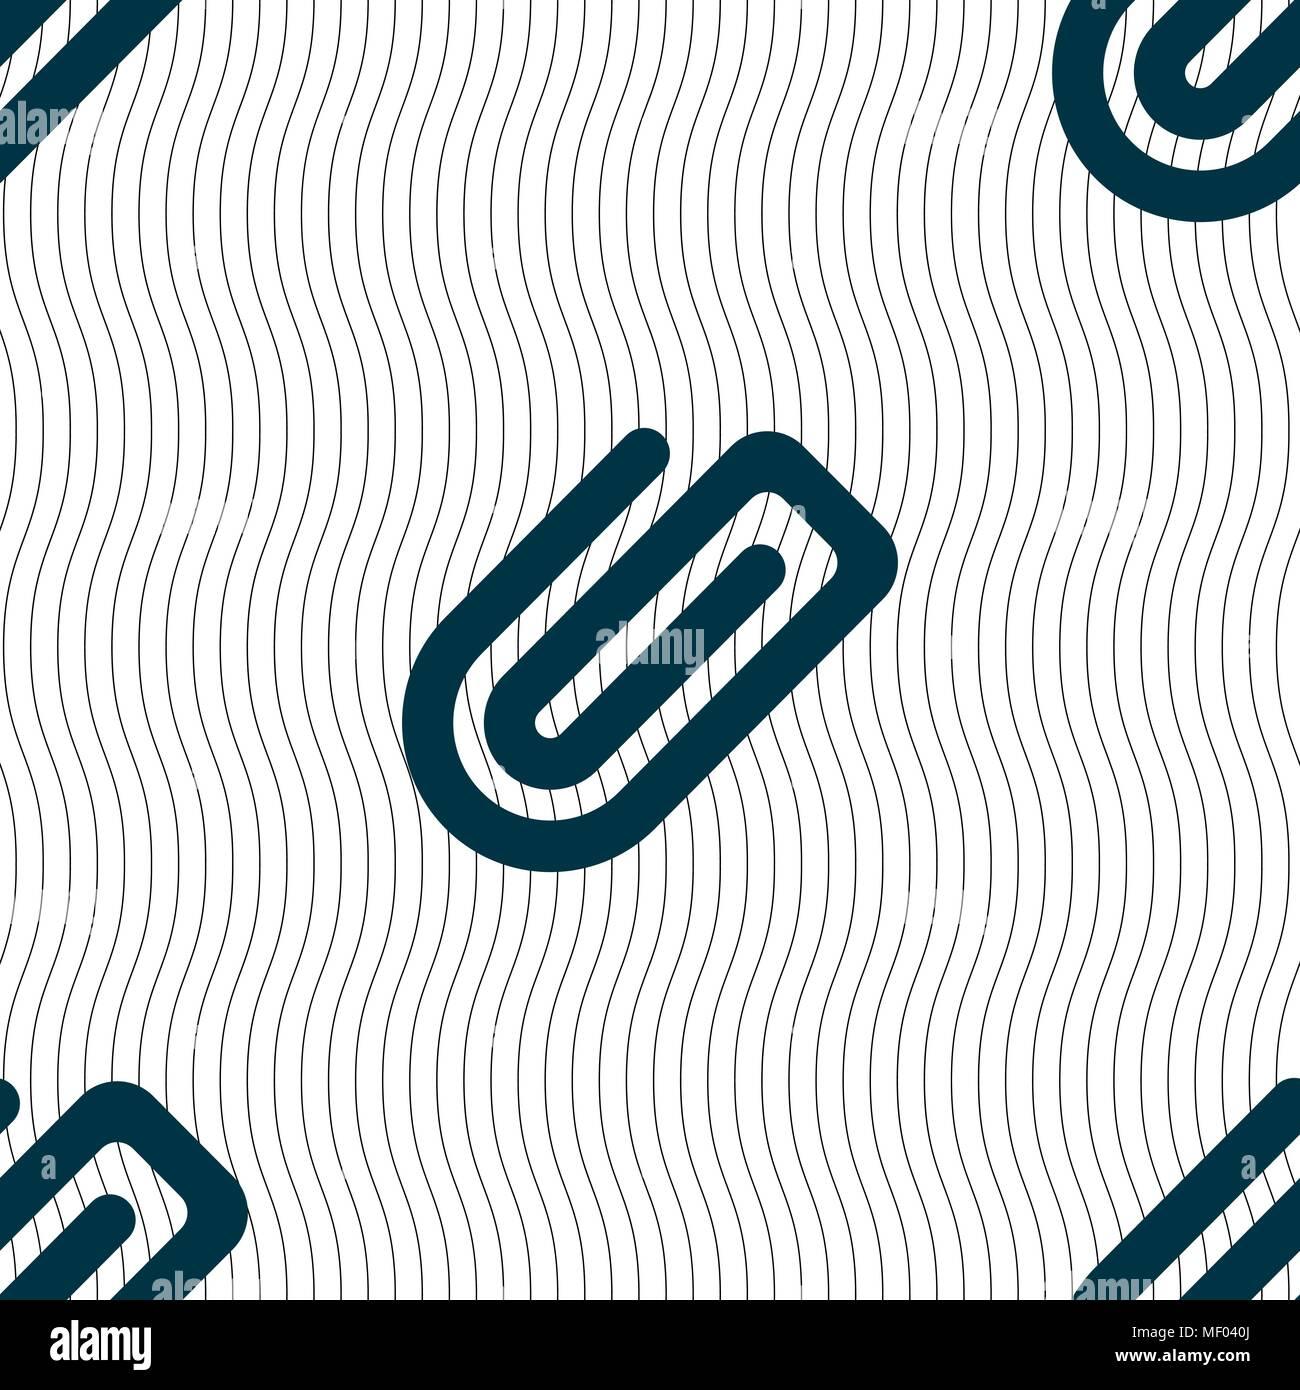 Icona a forma di graffetta segno. Modello senza cuciture con texture geometrica. Illustrazione Vettoriale Illustrazione Vettoriale